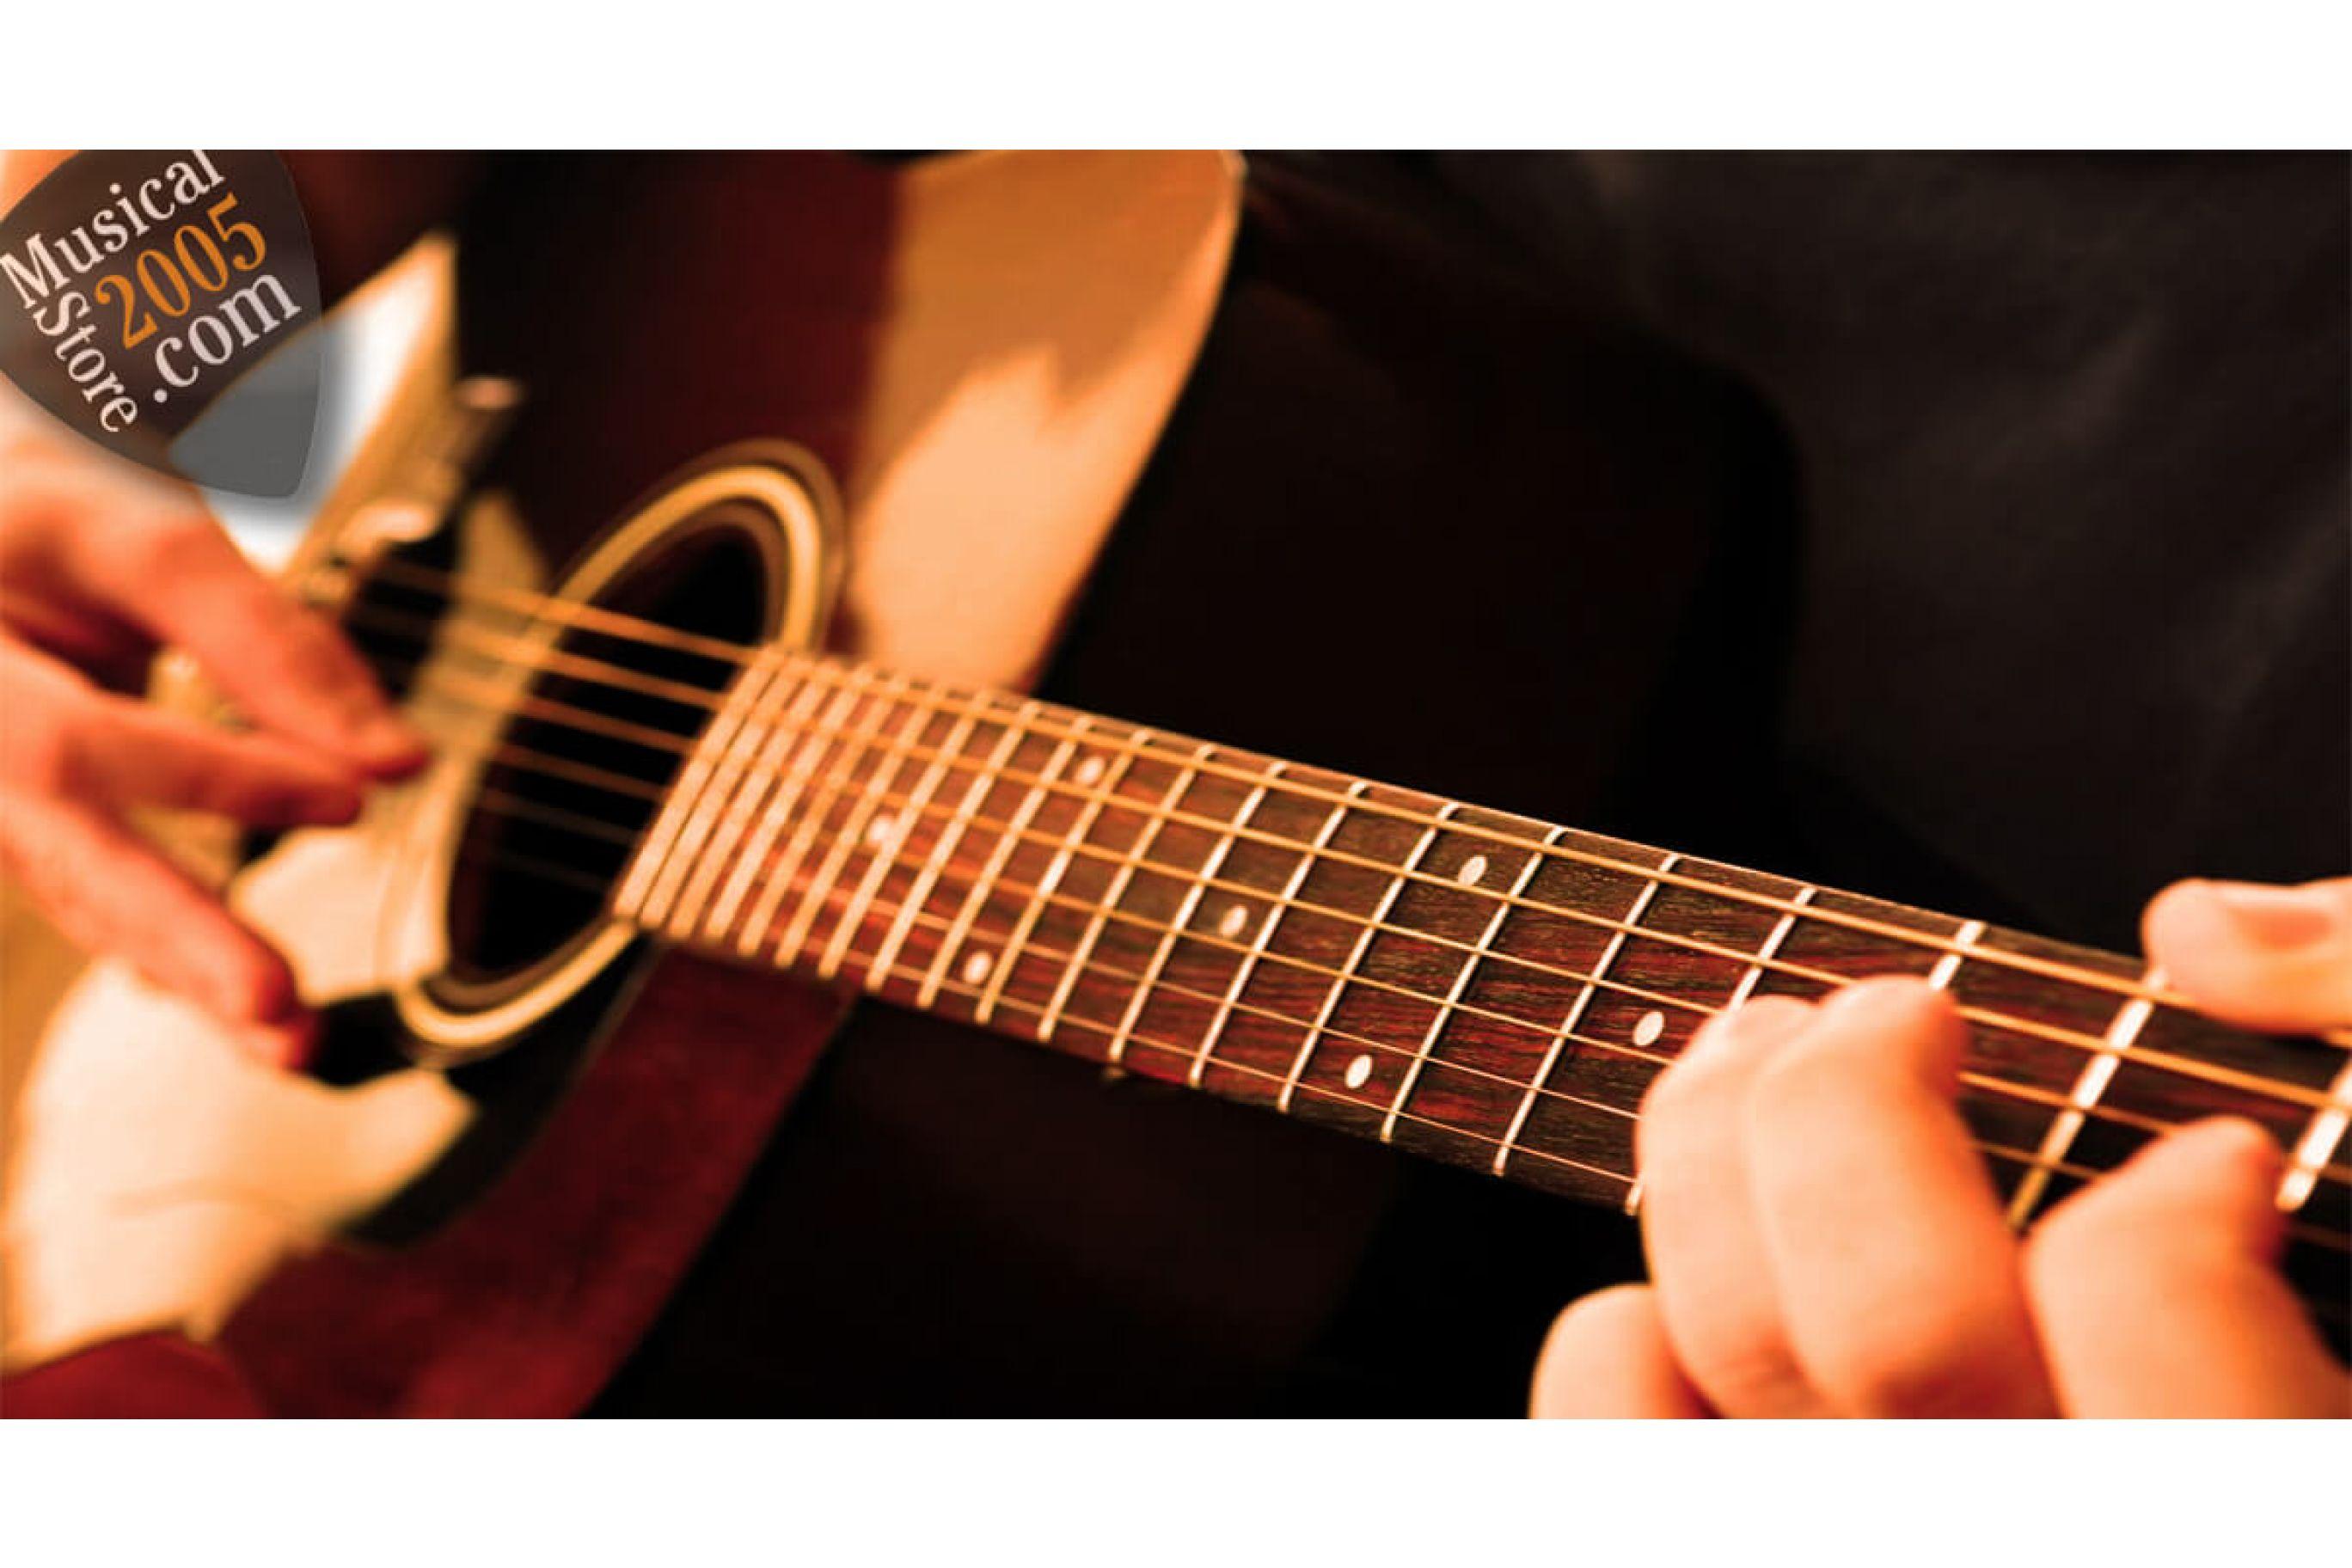 Le migliori chitarre acustiche per principianti e